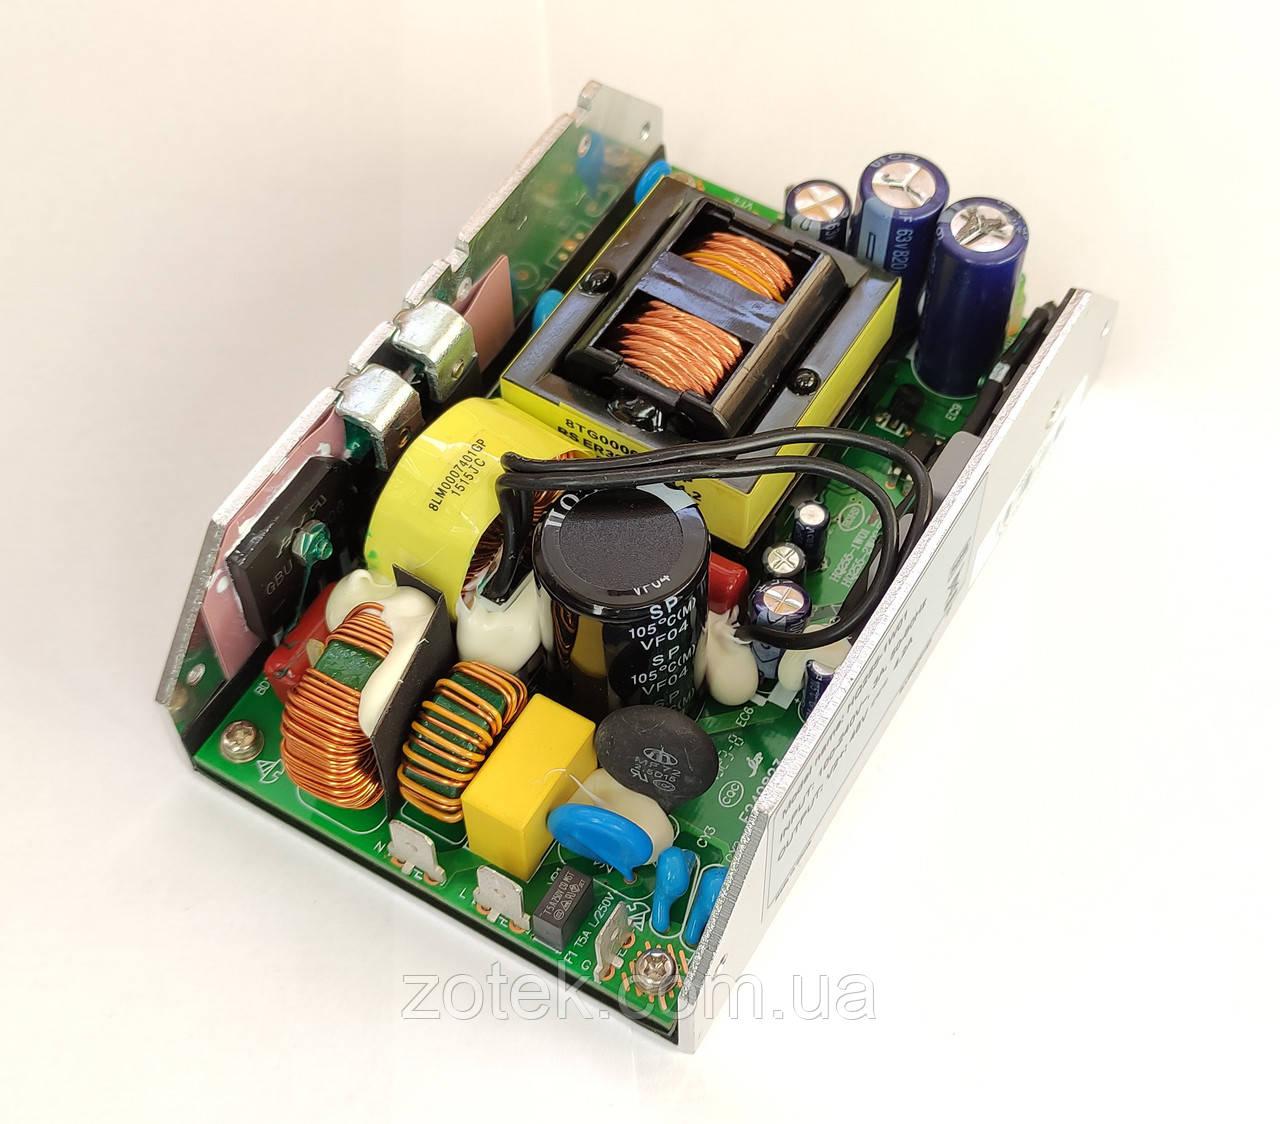 48В 4.2А HQ255-1W01 Блок питания 220V AC-DC 48V 4.2A